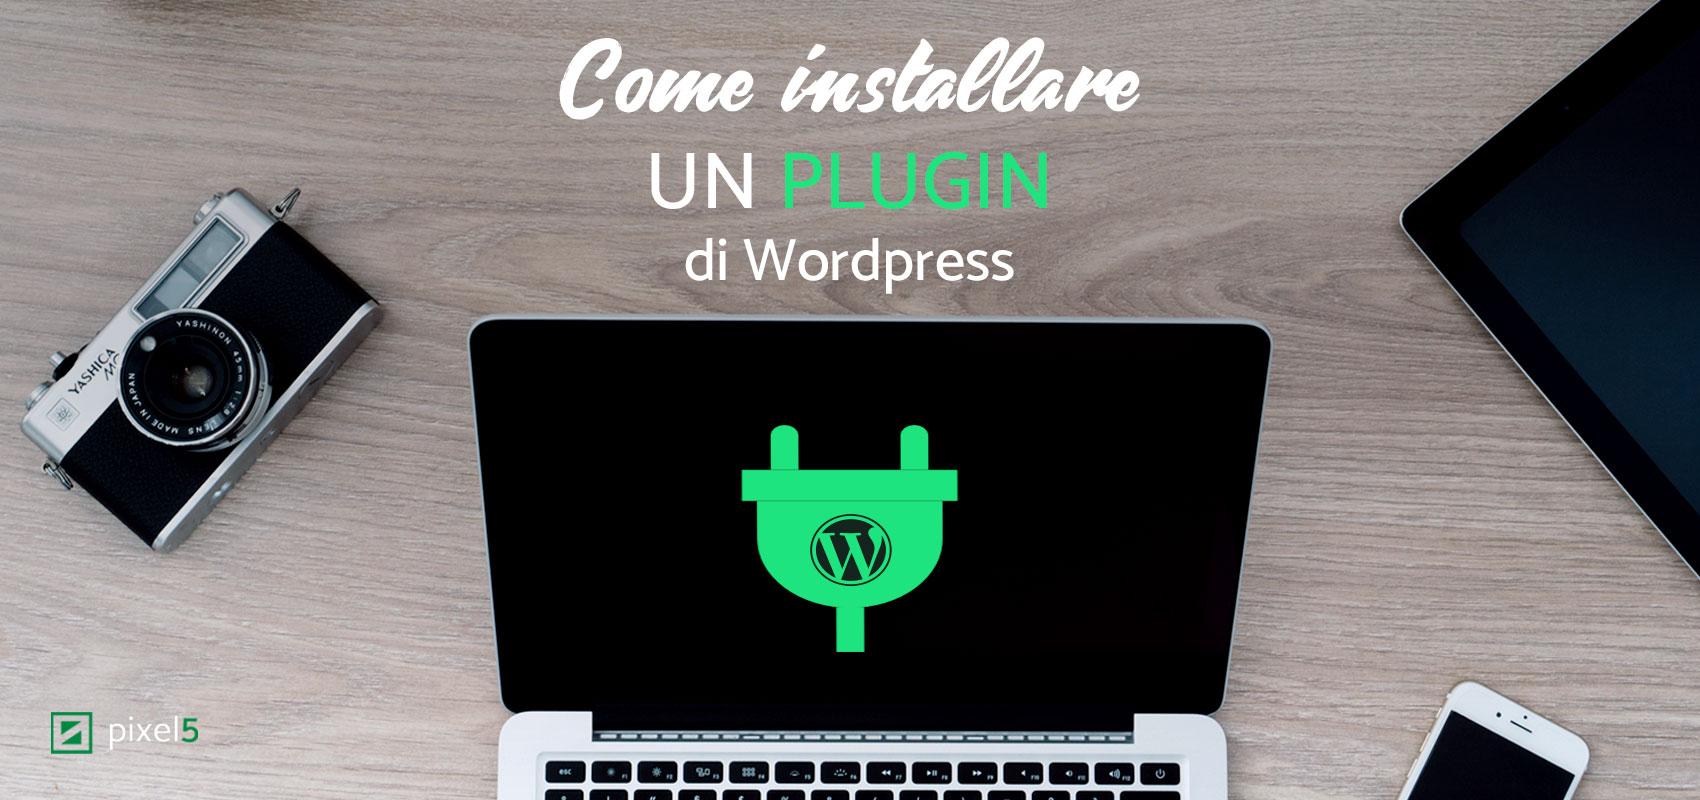 incontri soluzioni Wordpress plugin matchmaking non disponibile luce morente